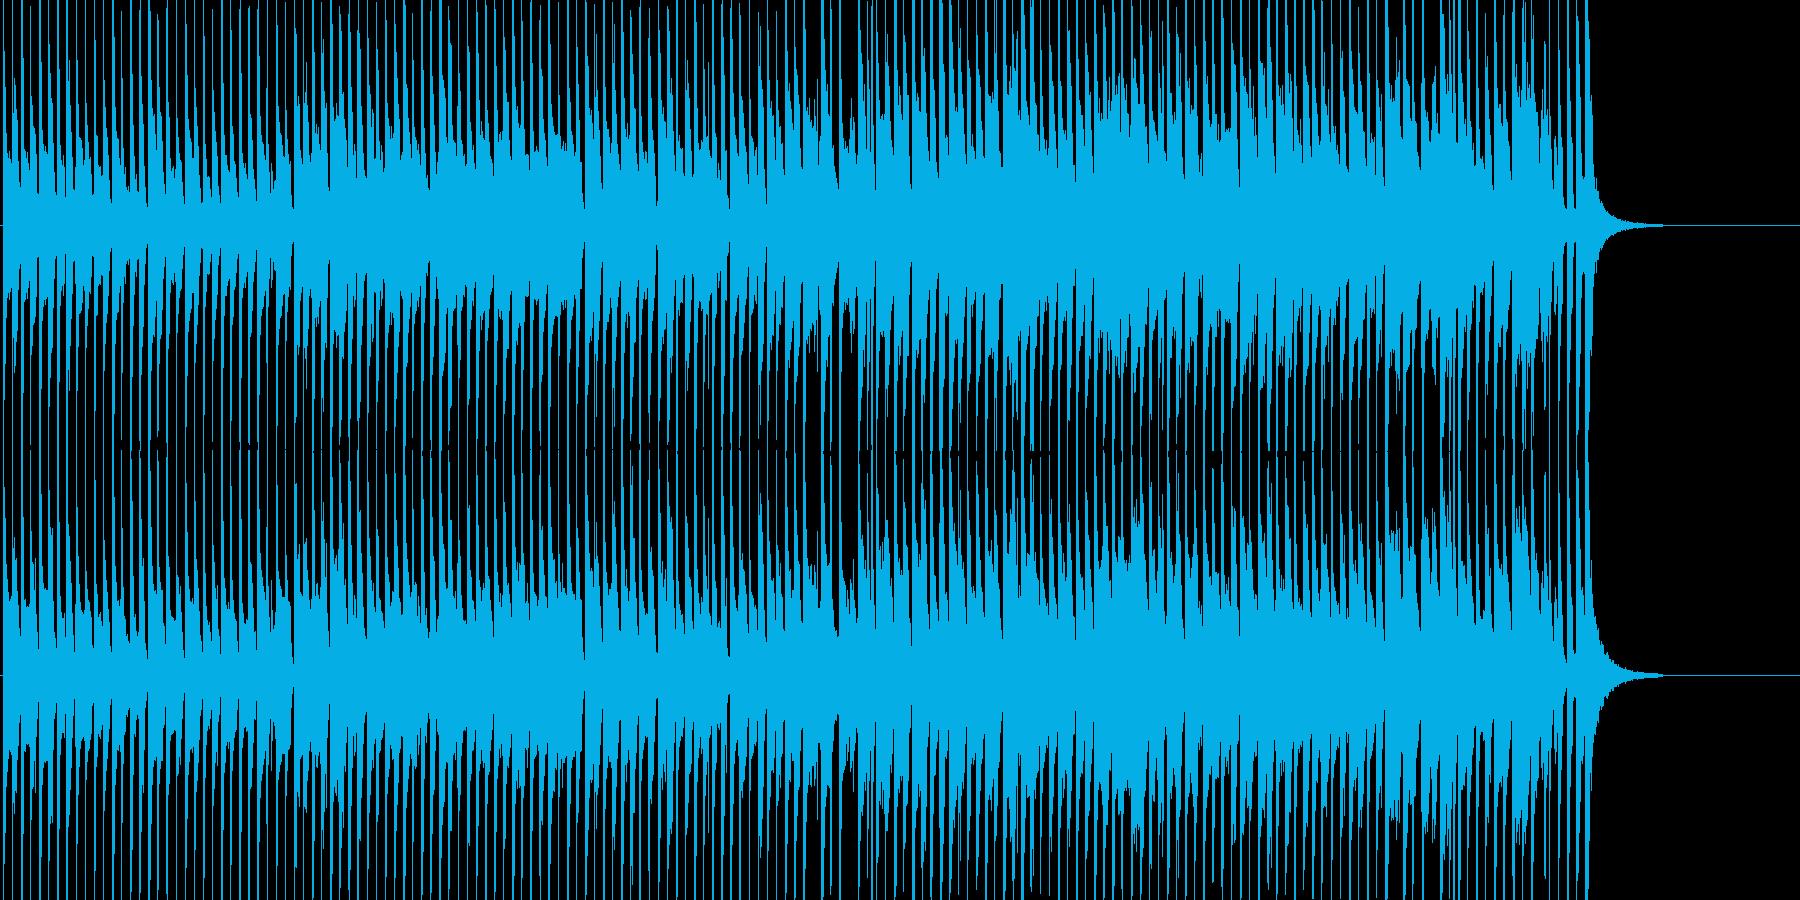 ピエロ 道化 サーカス 不思議 場面転換の再生済みの波形